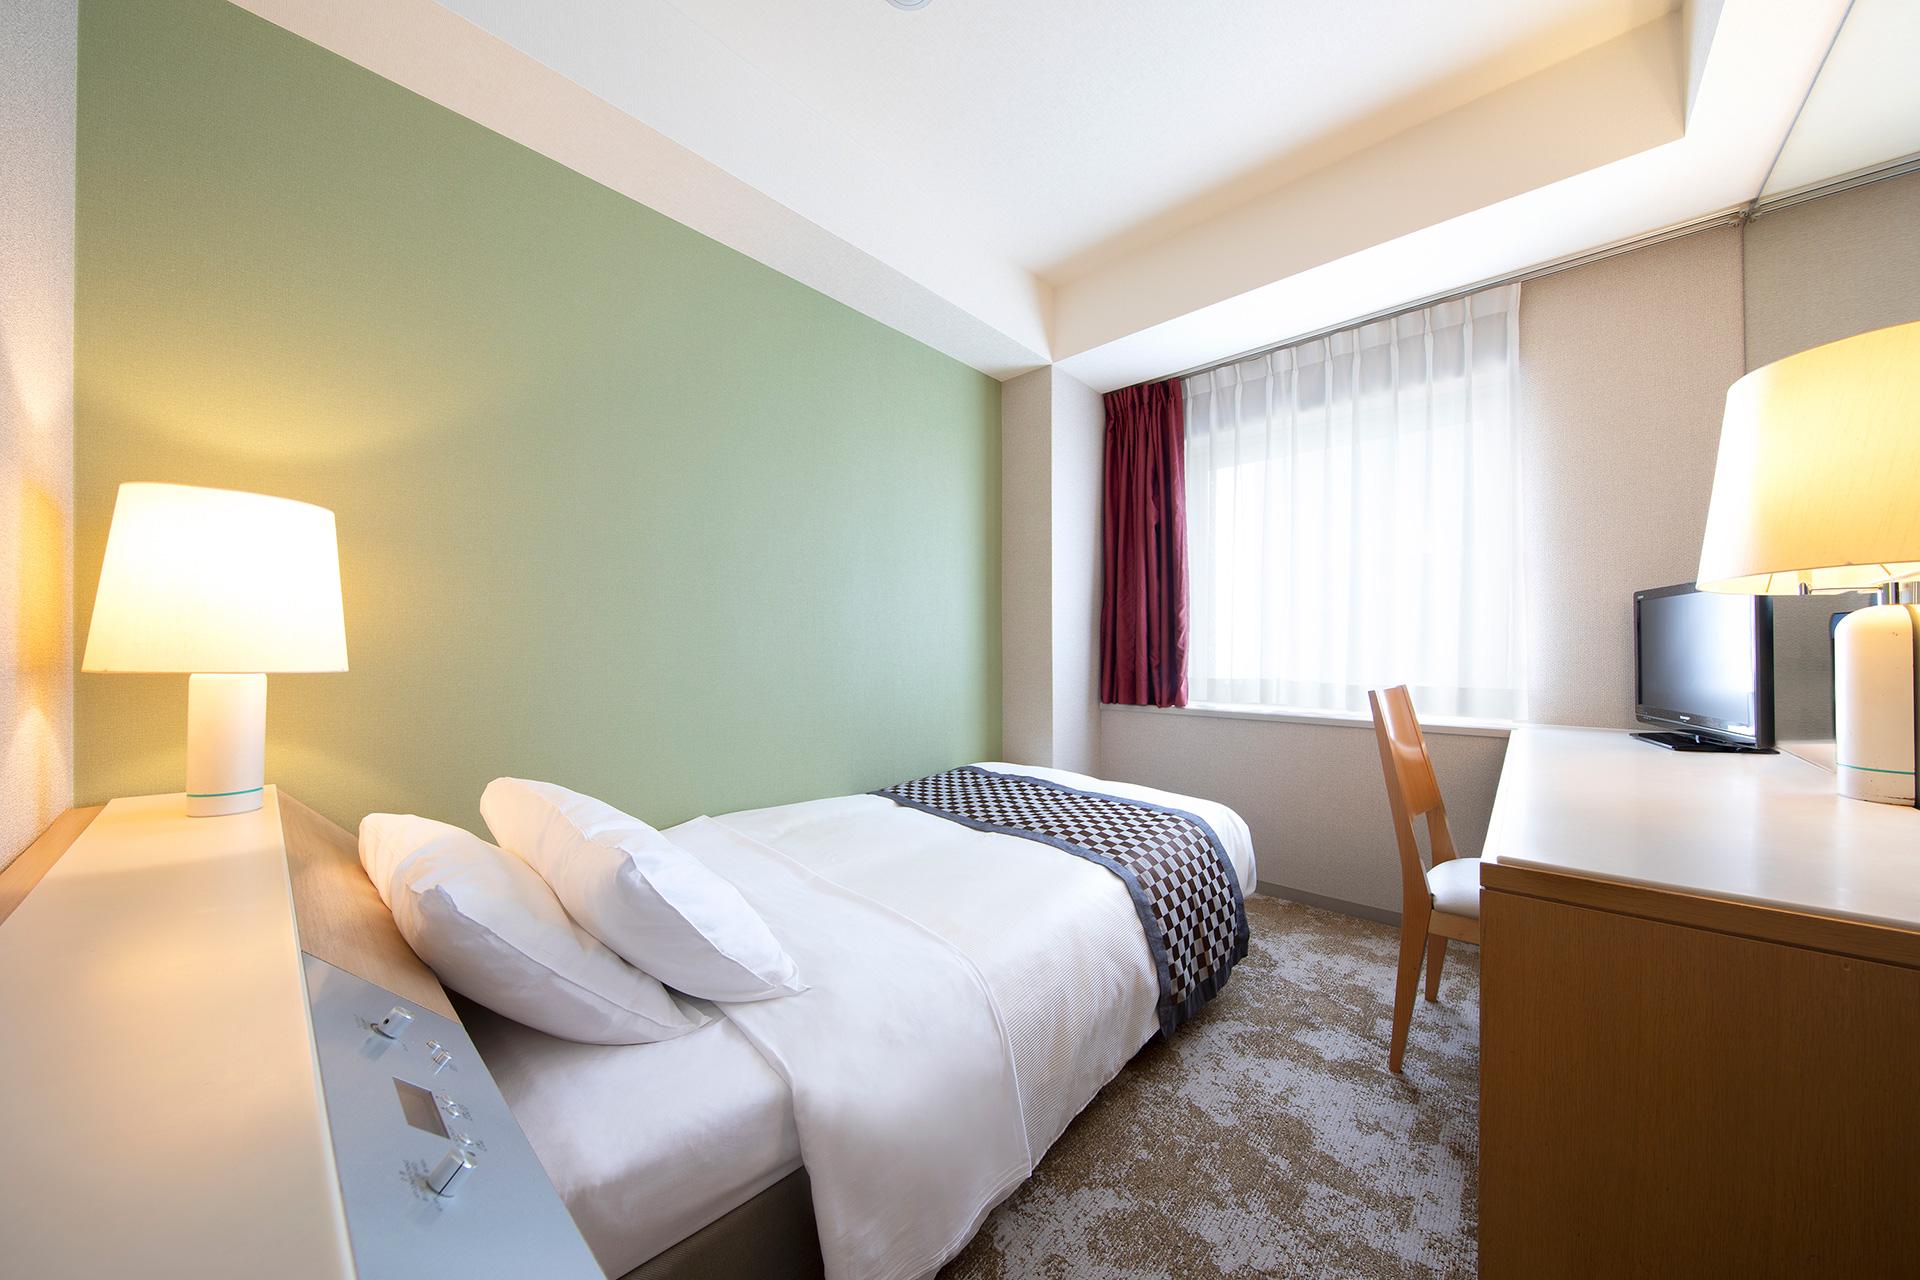 新宿 ワシントン ホテル 【新宿ワシントンホテル(本館)】 の空室状況を確認する